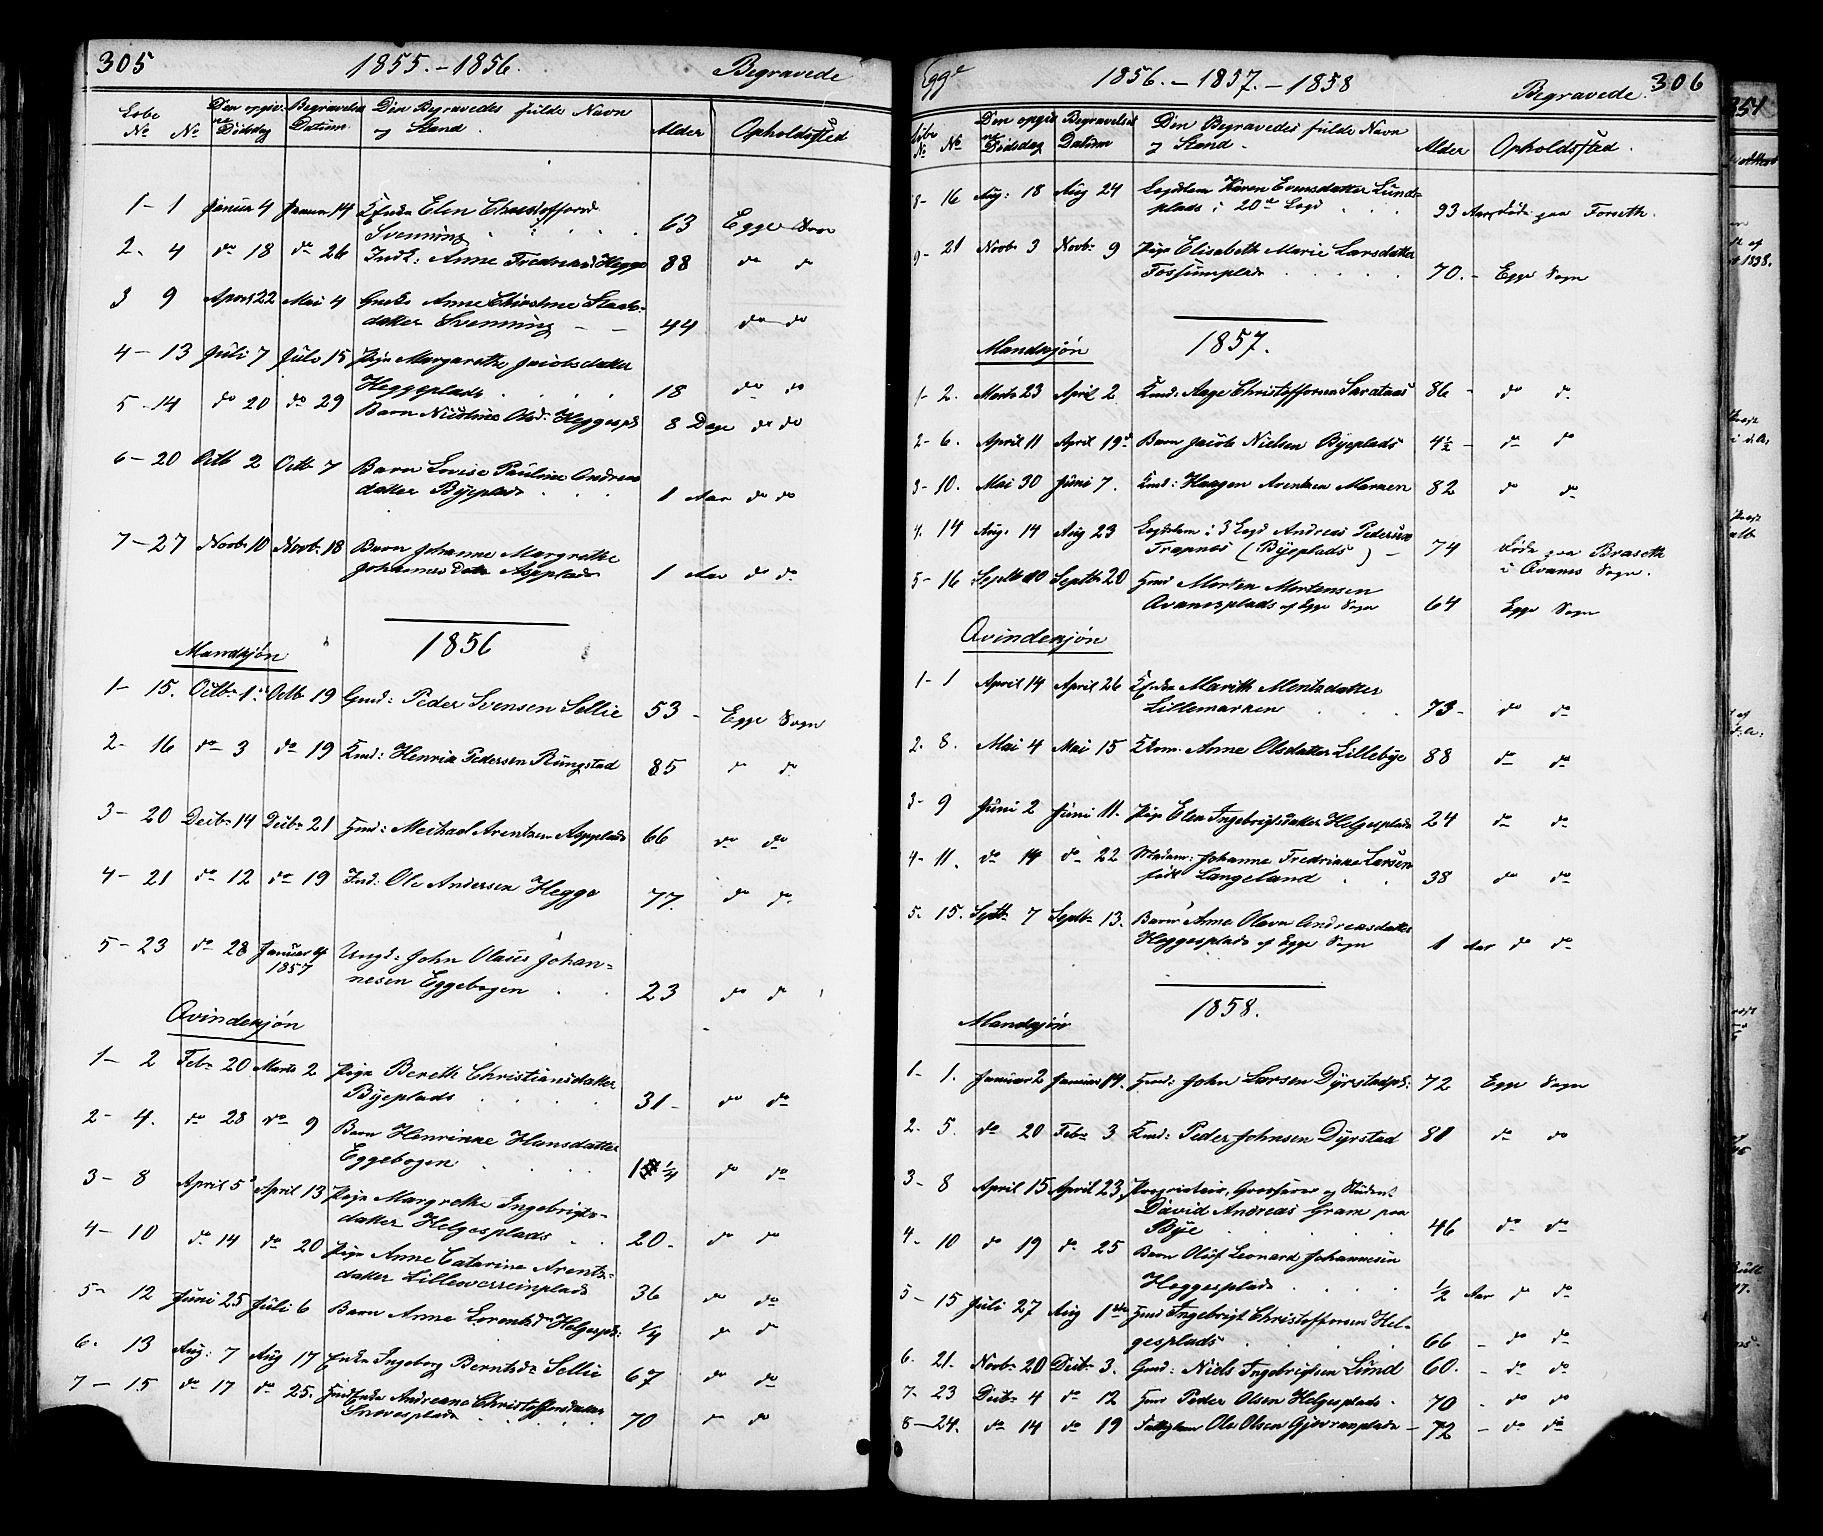 SAT, Ministerialprotokoller, klokkerbøker og fødselsregistre - Nord-Trøndelag, 739/L0367: Ministerialbok nr. 739A01 /3, 1838-1868, s. 305-306